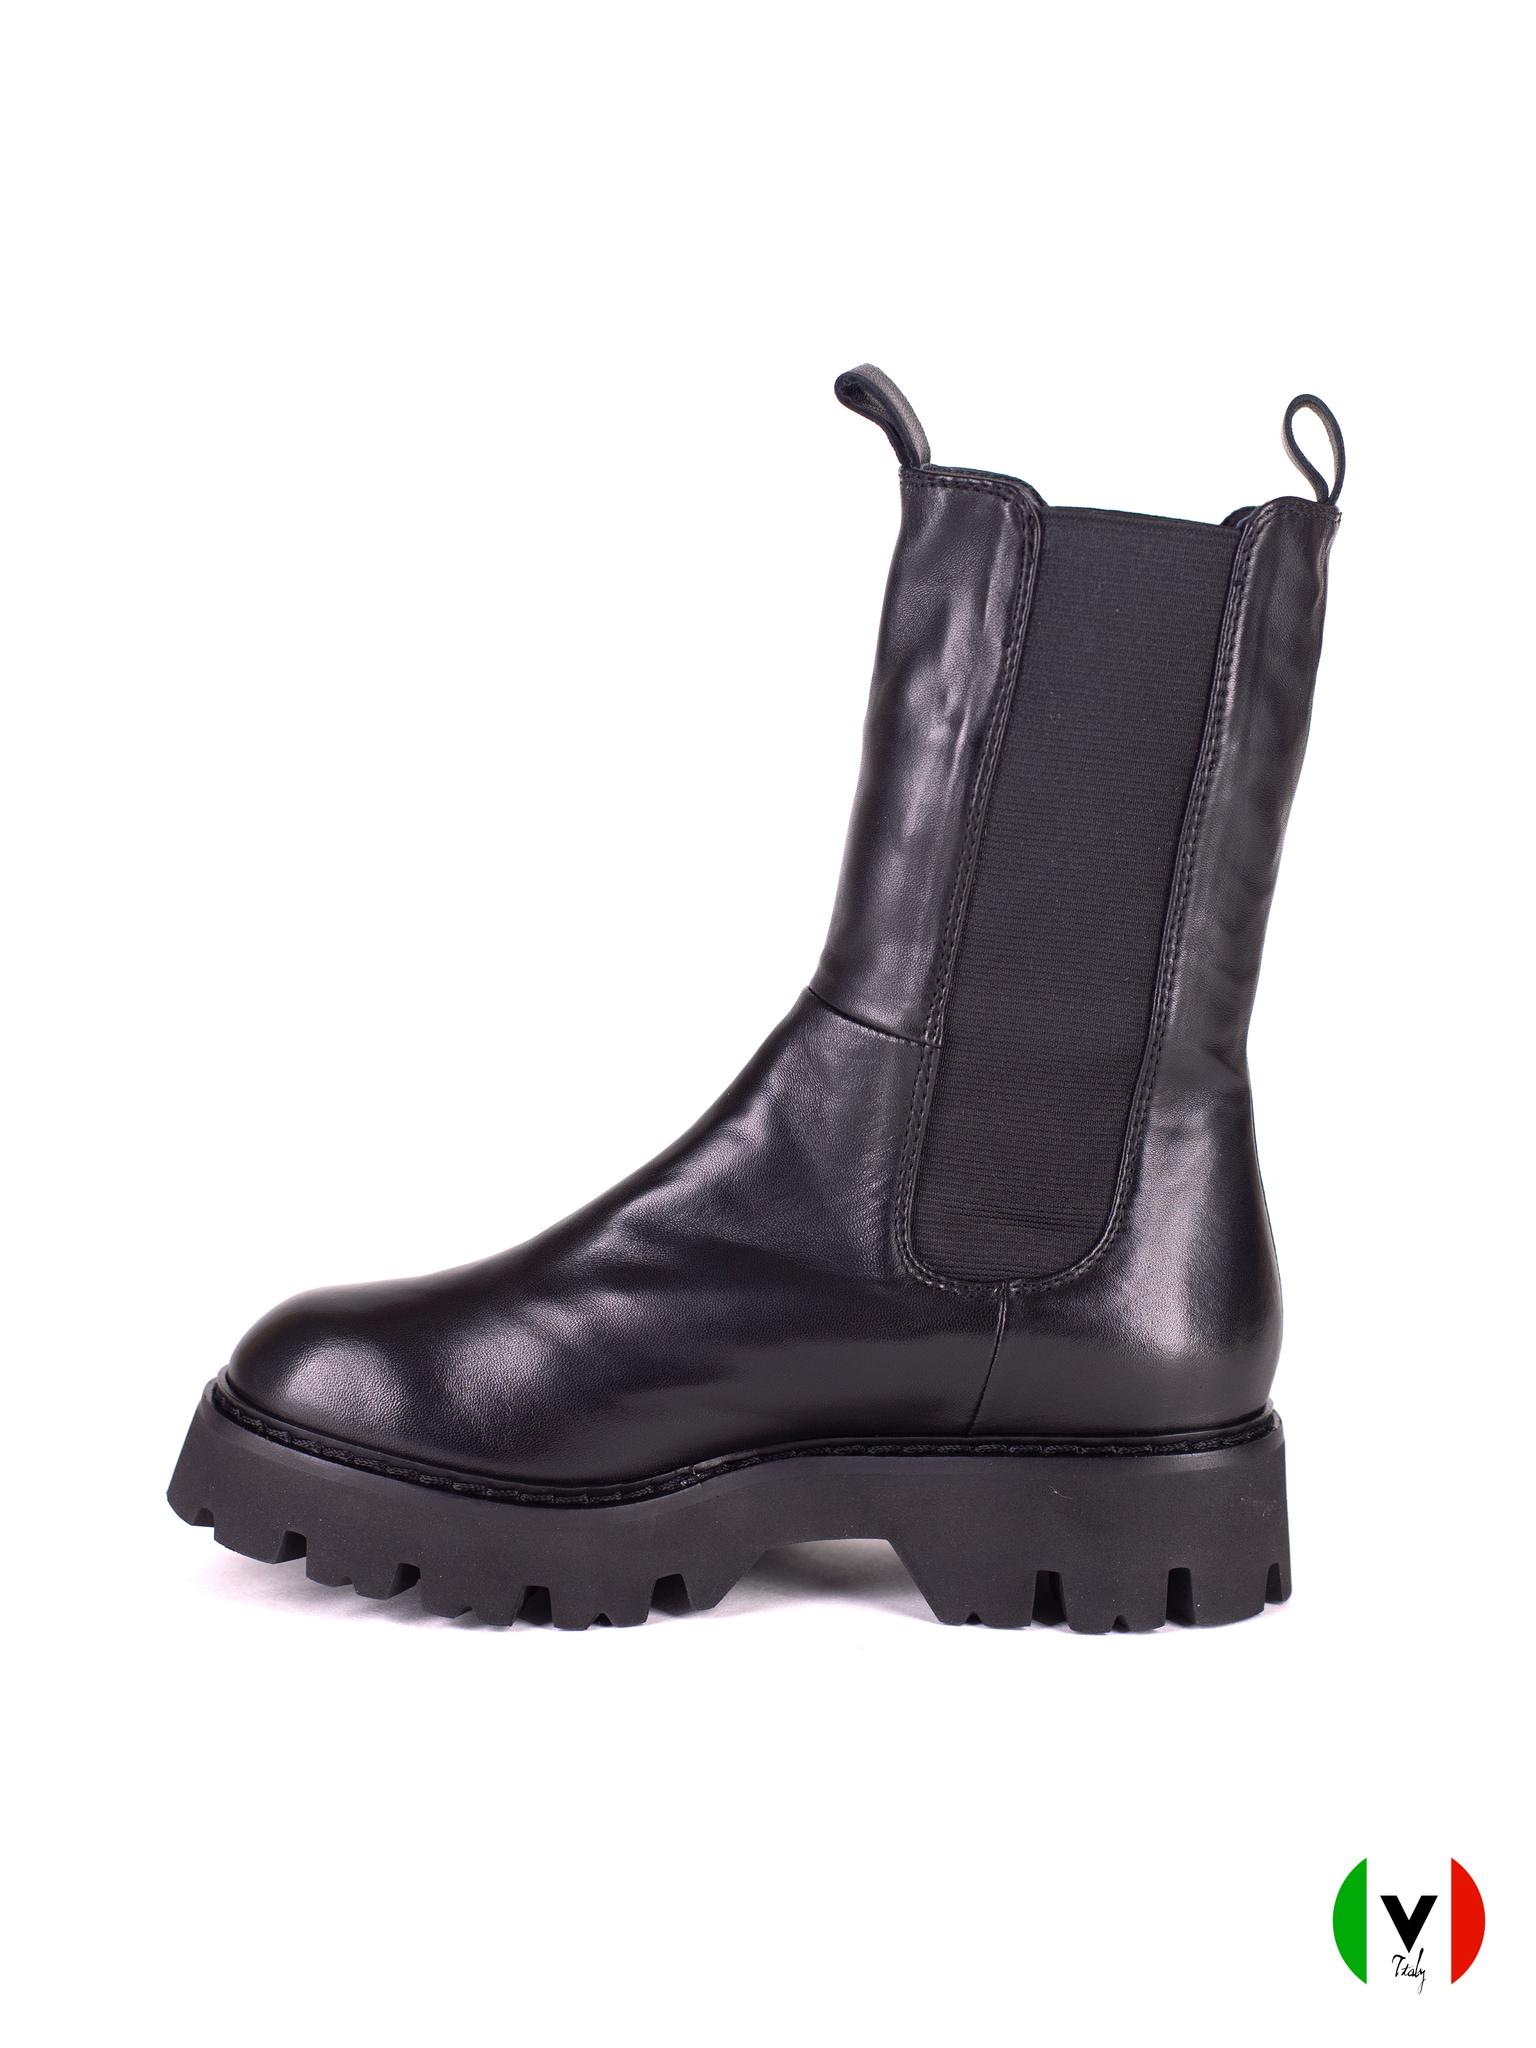 зимние высокие ботинки Fru.it с резиновыми вставками, черные, кожаные, артикул 6538,